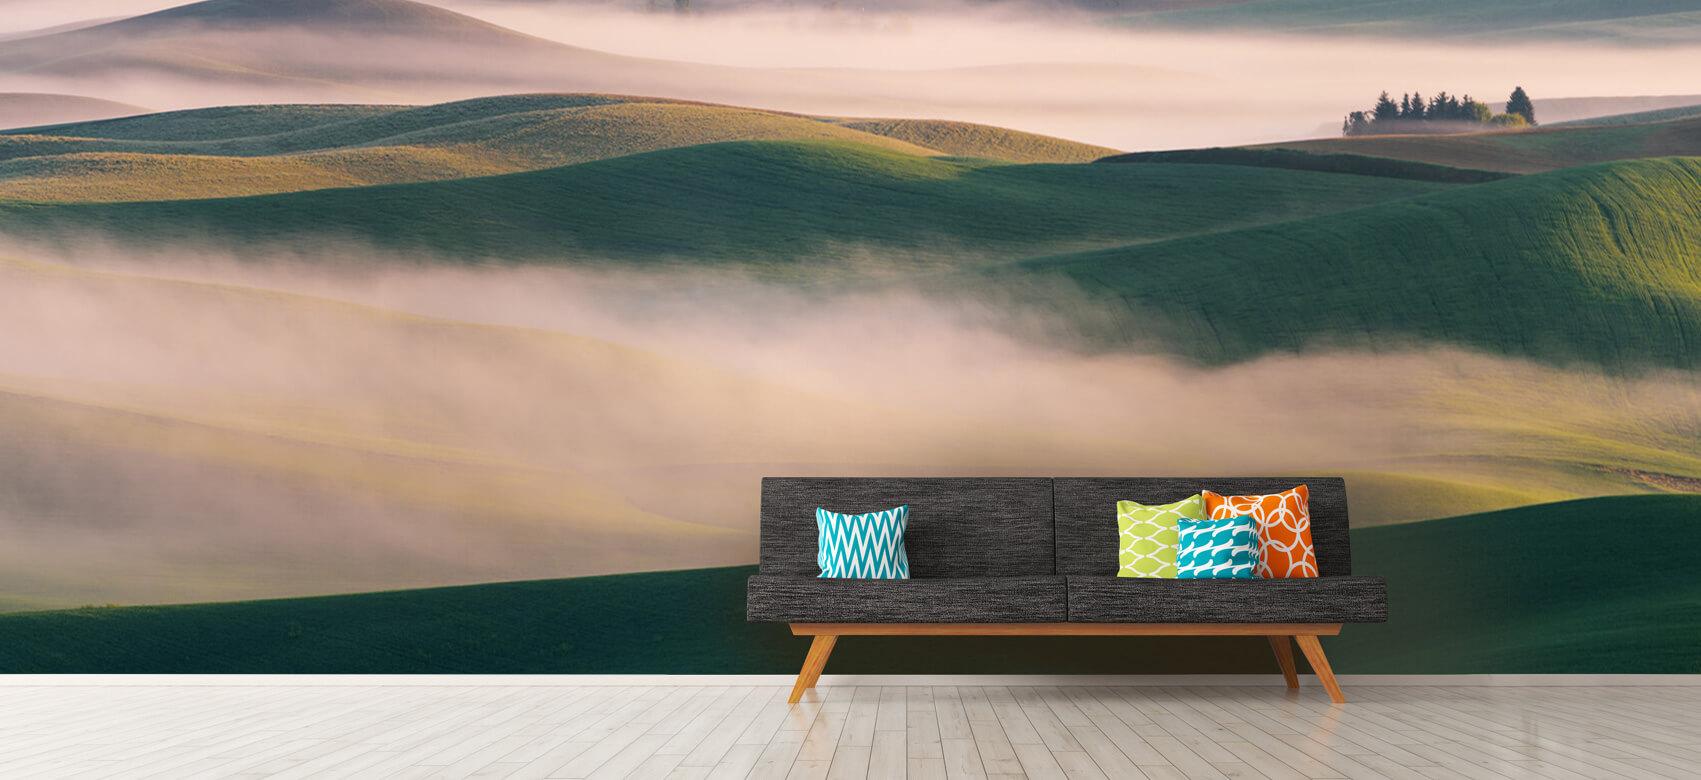 Dream Land in Morning Mist 12